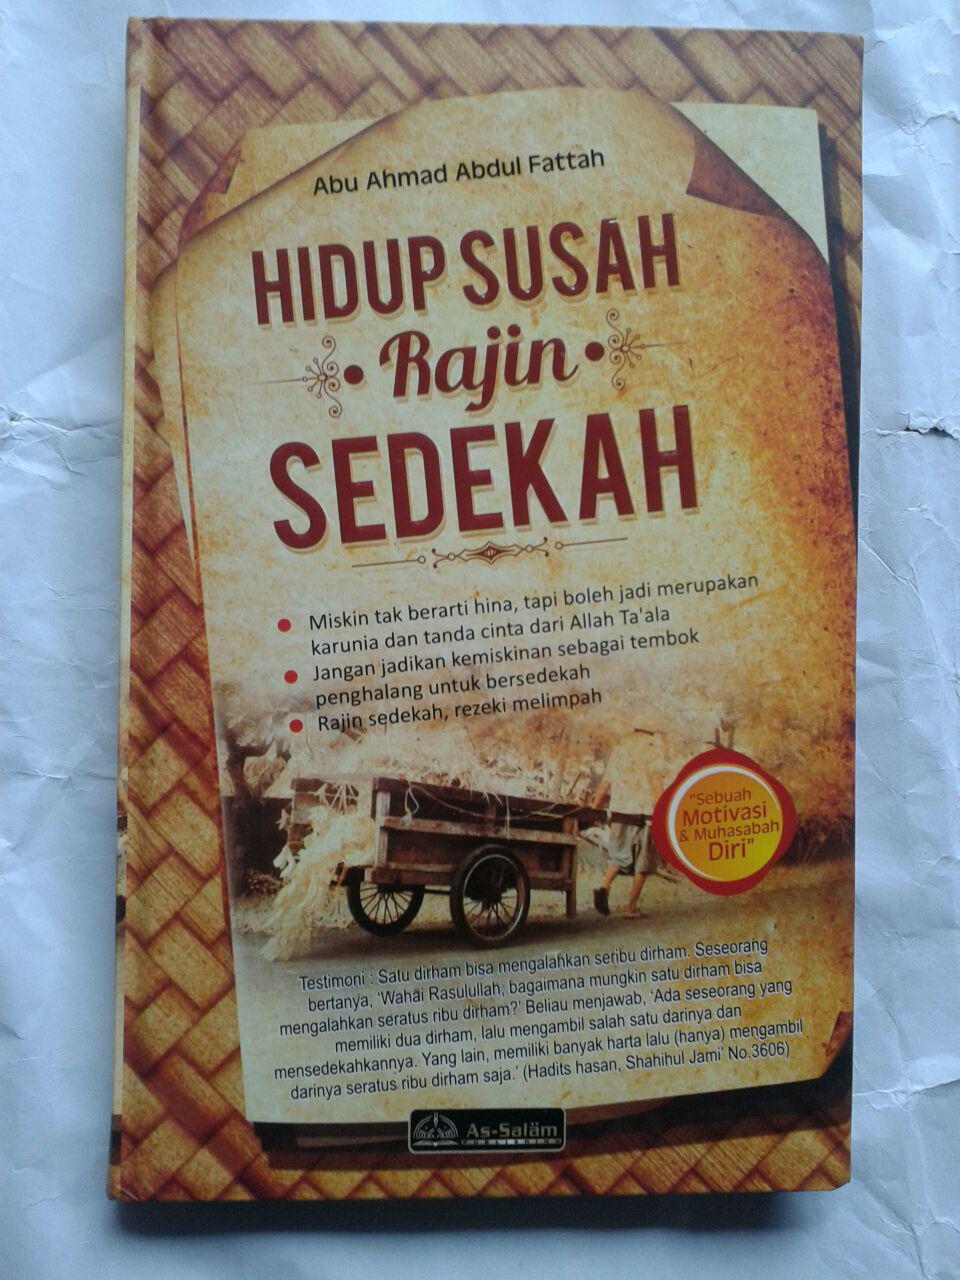 Buku Hidup Susah Rajin Sedekah 38,000 15% 32,300 cover